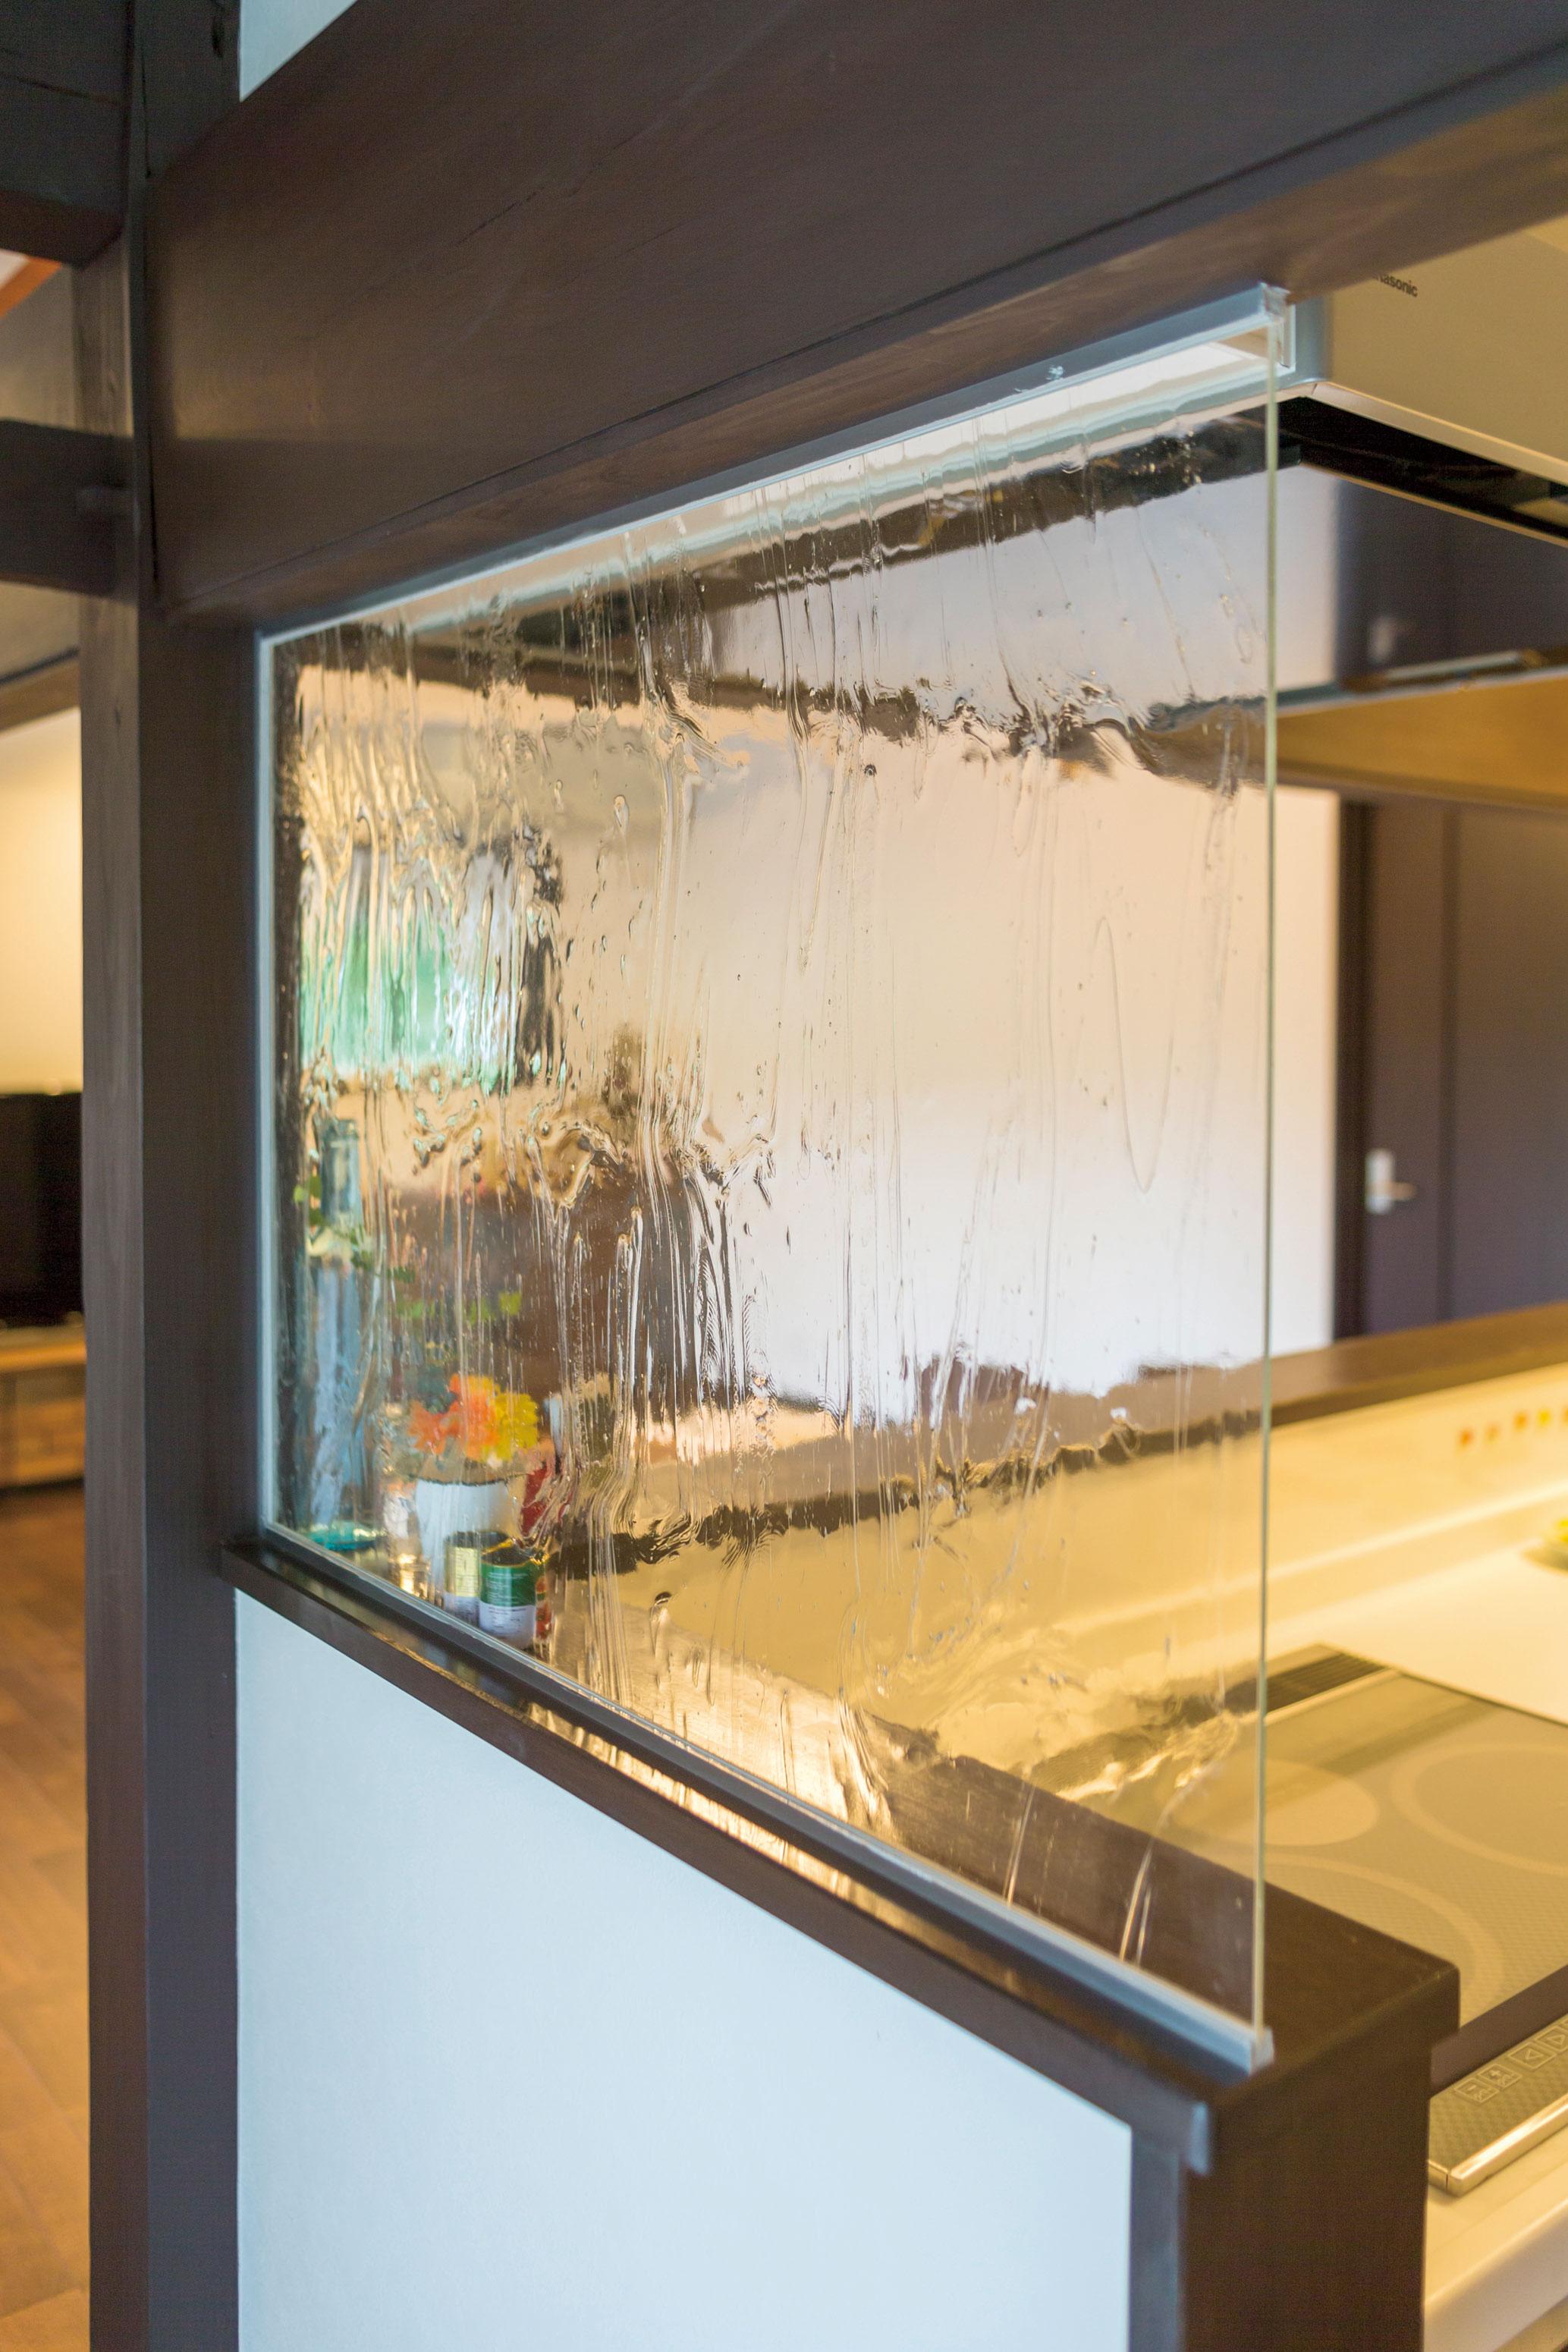 ガラスキッチン横には、質感のあるガラスを採用。圧迫感がなく、広がりのあるLDKへ視線が行き届きます。